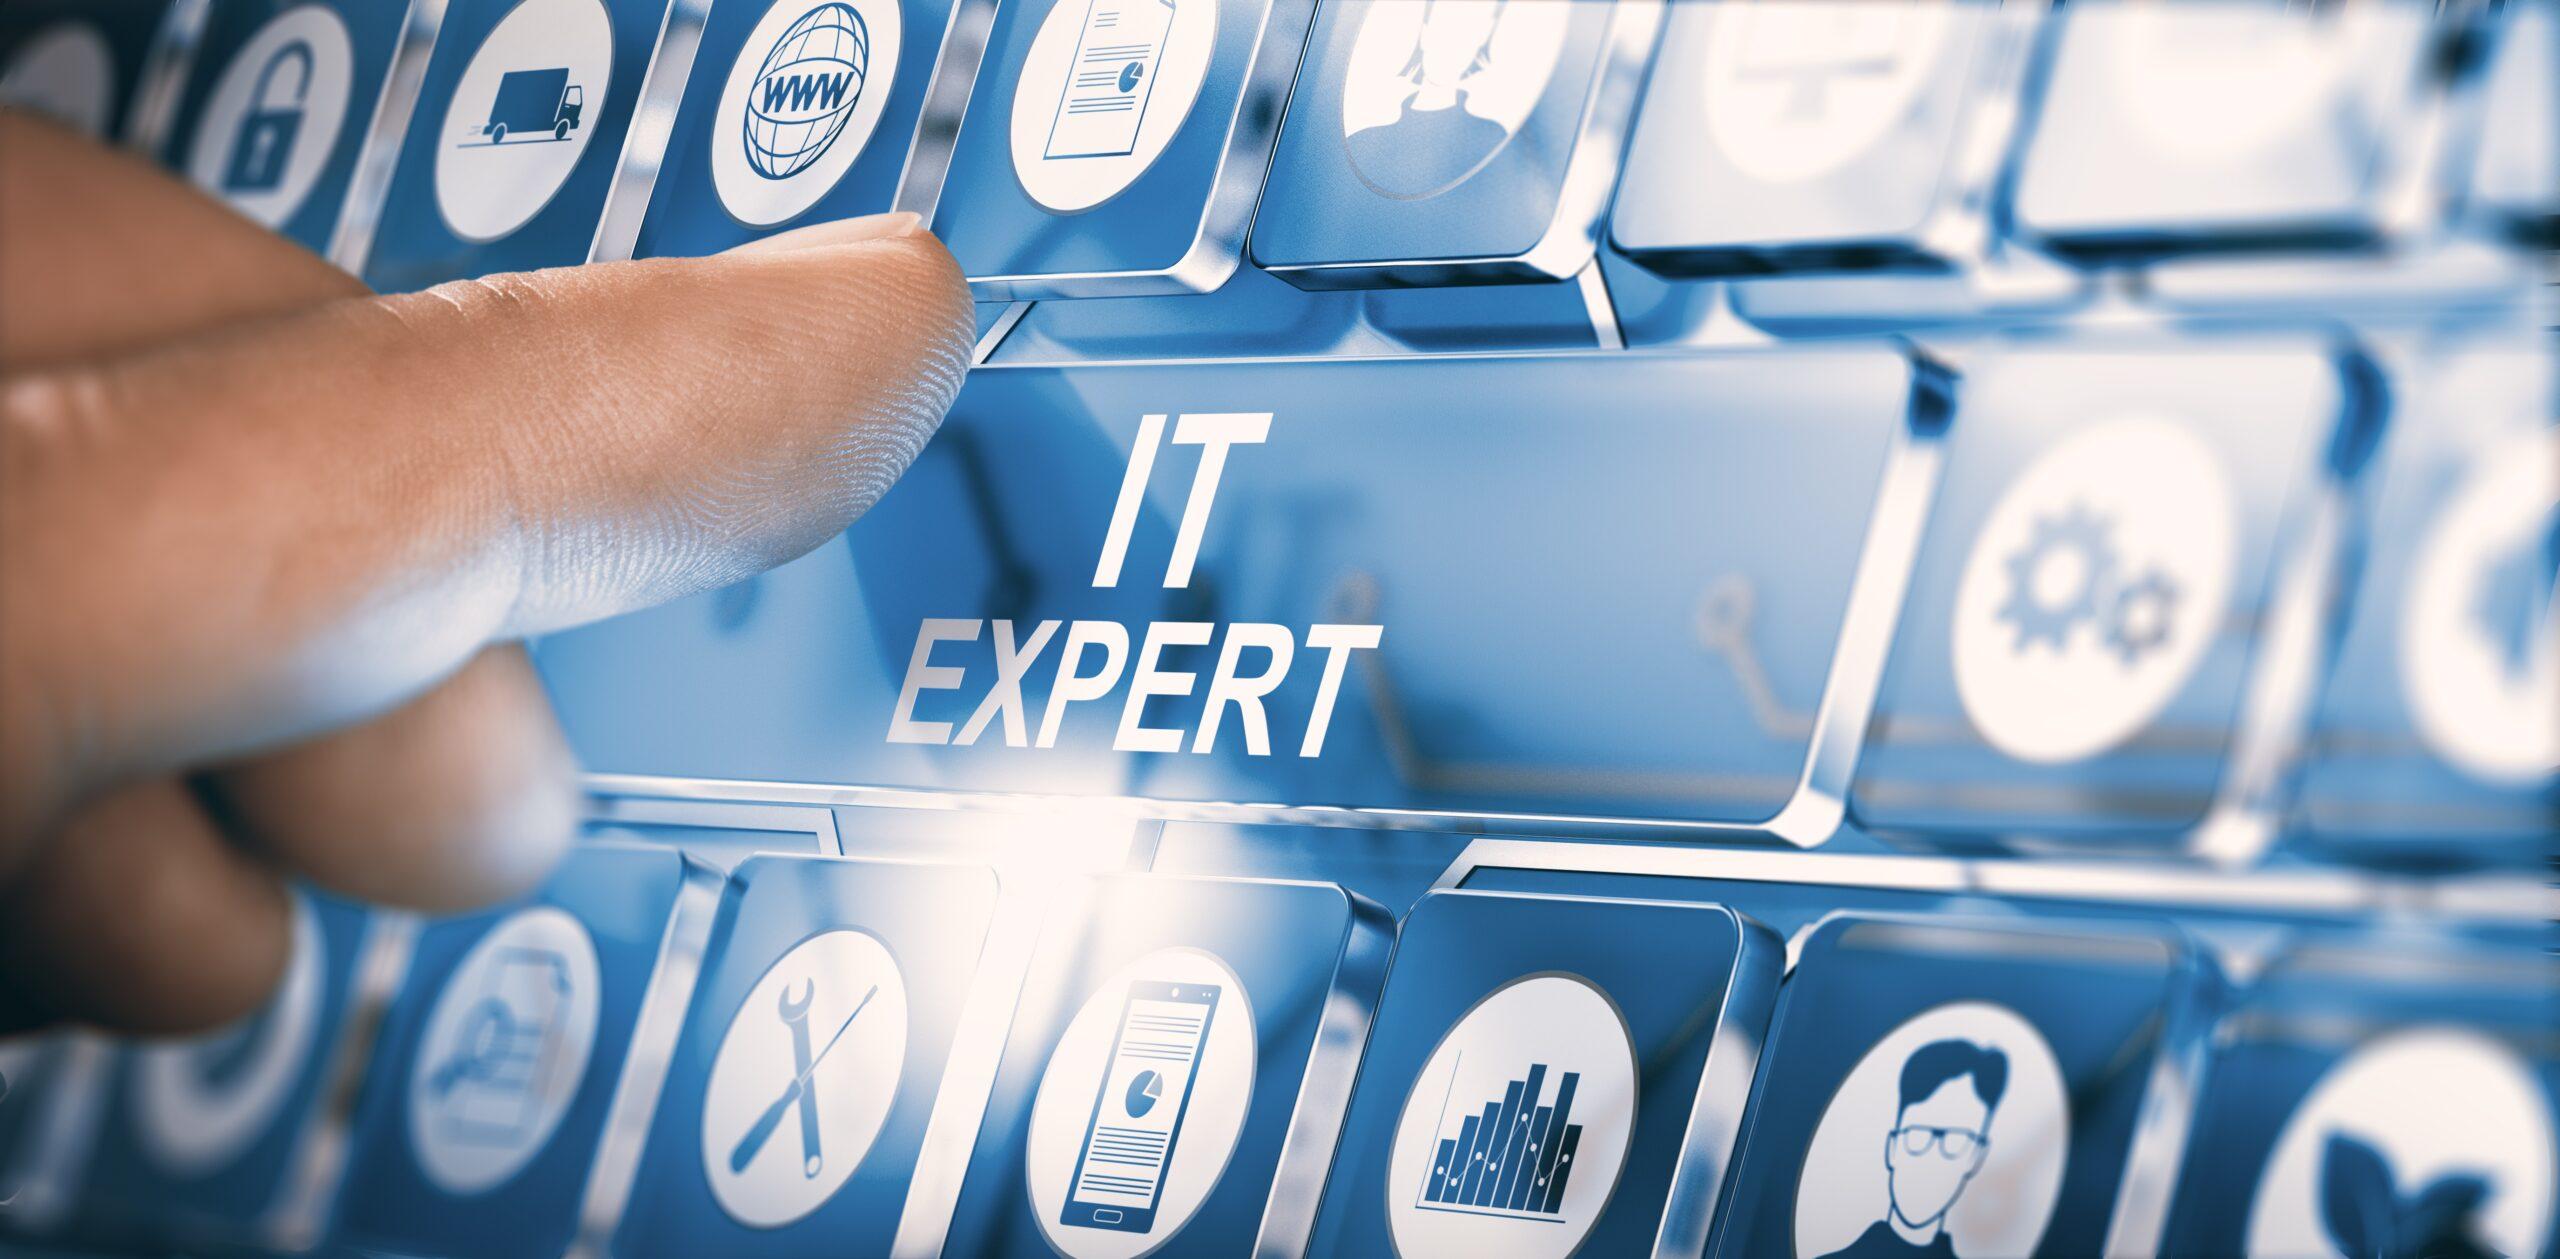 IT Support Company in Dubai